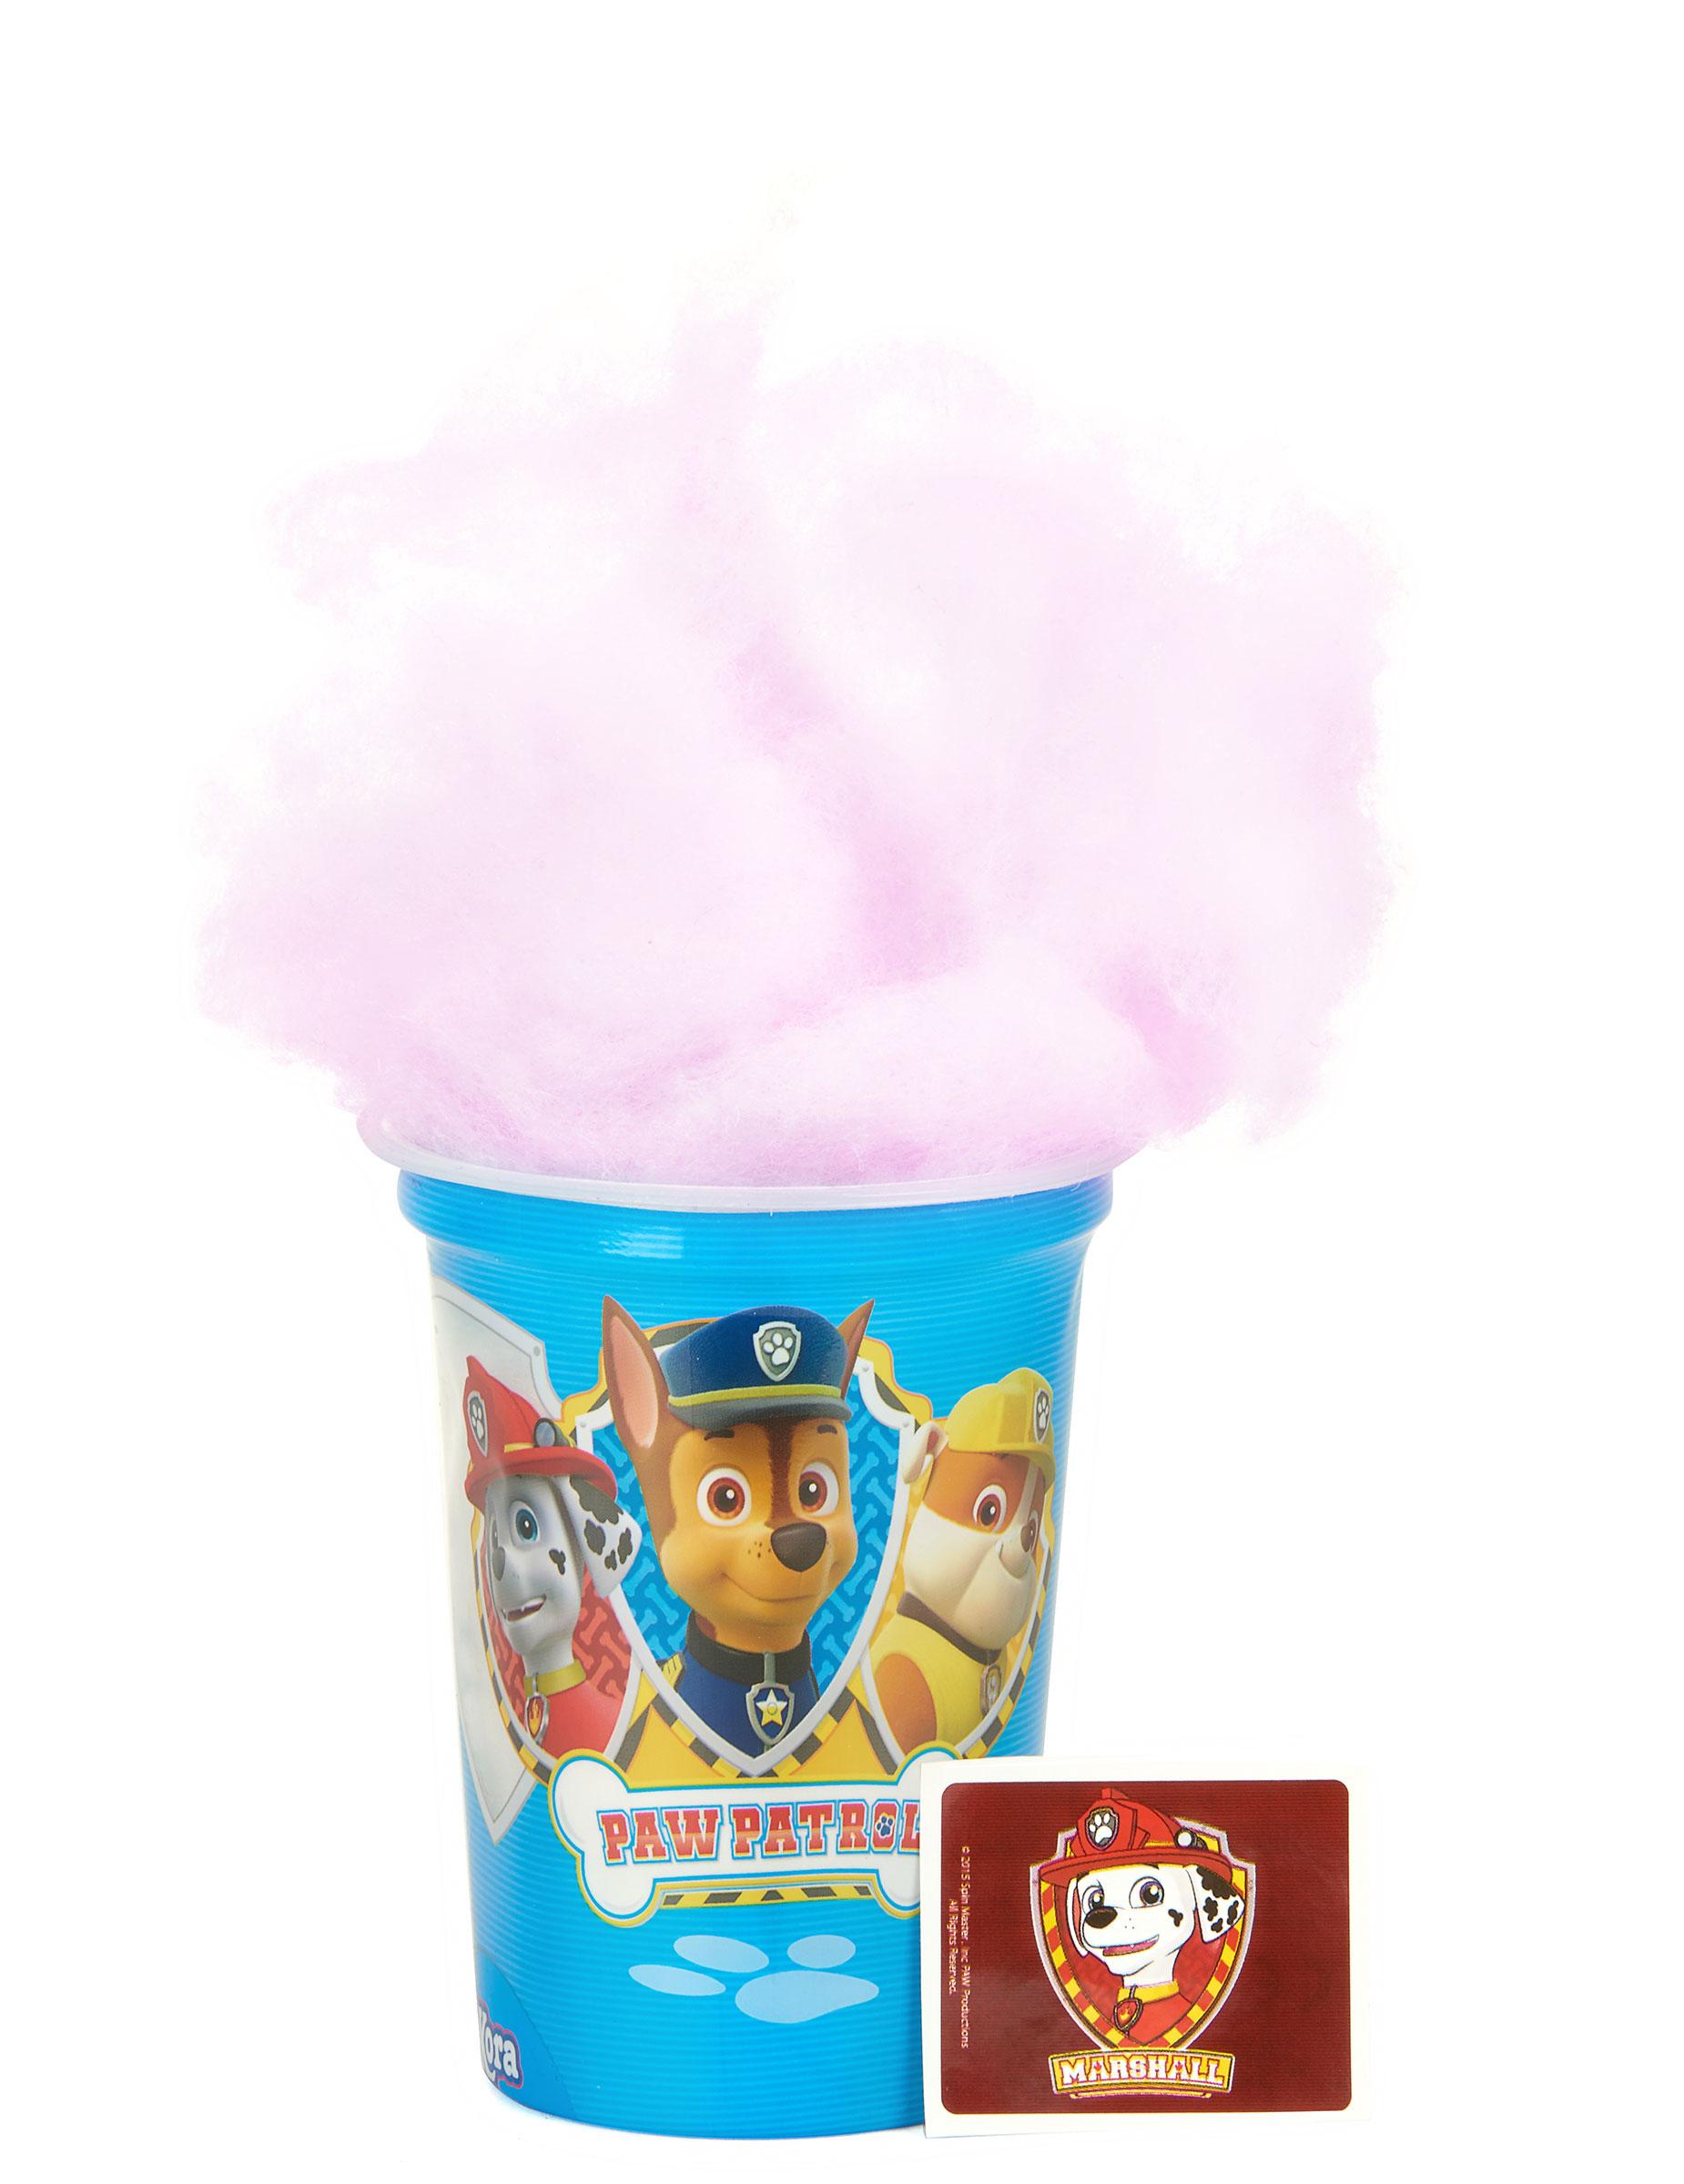 Burk med spunnet socker PAW Patrol™ köp Dekorationer på